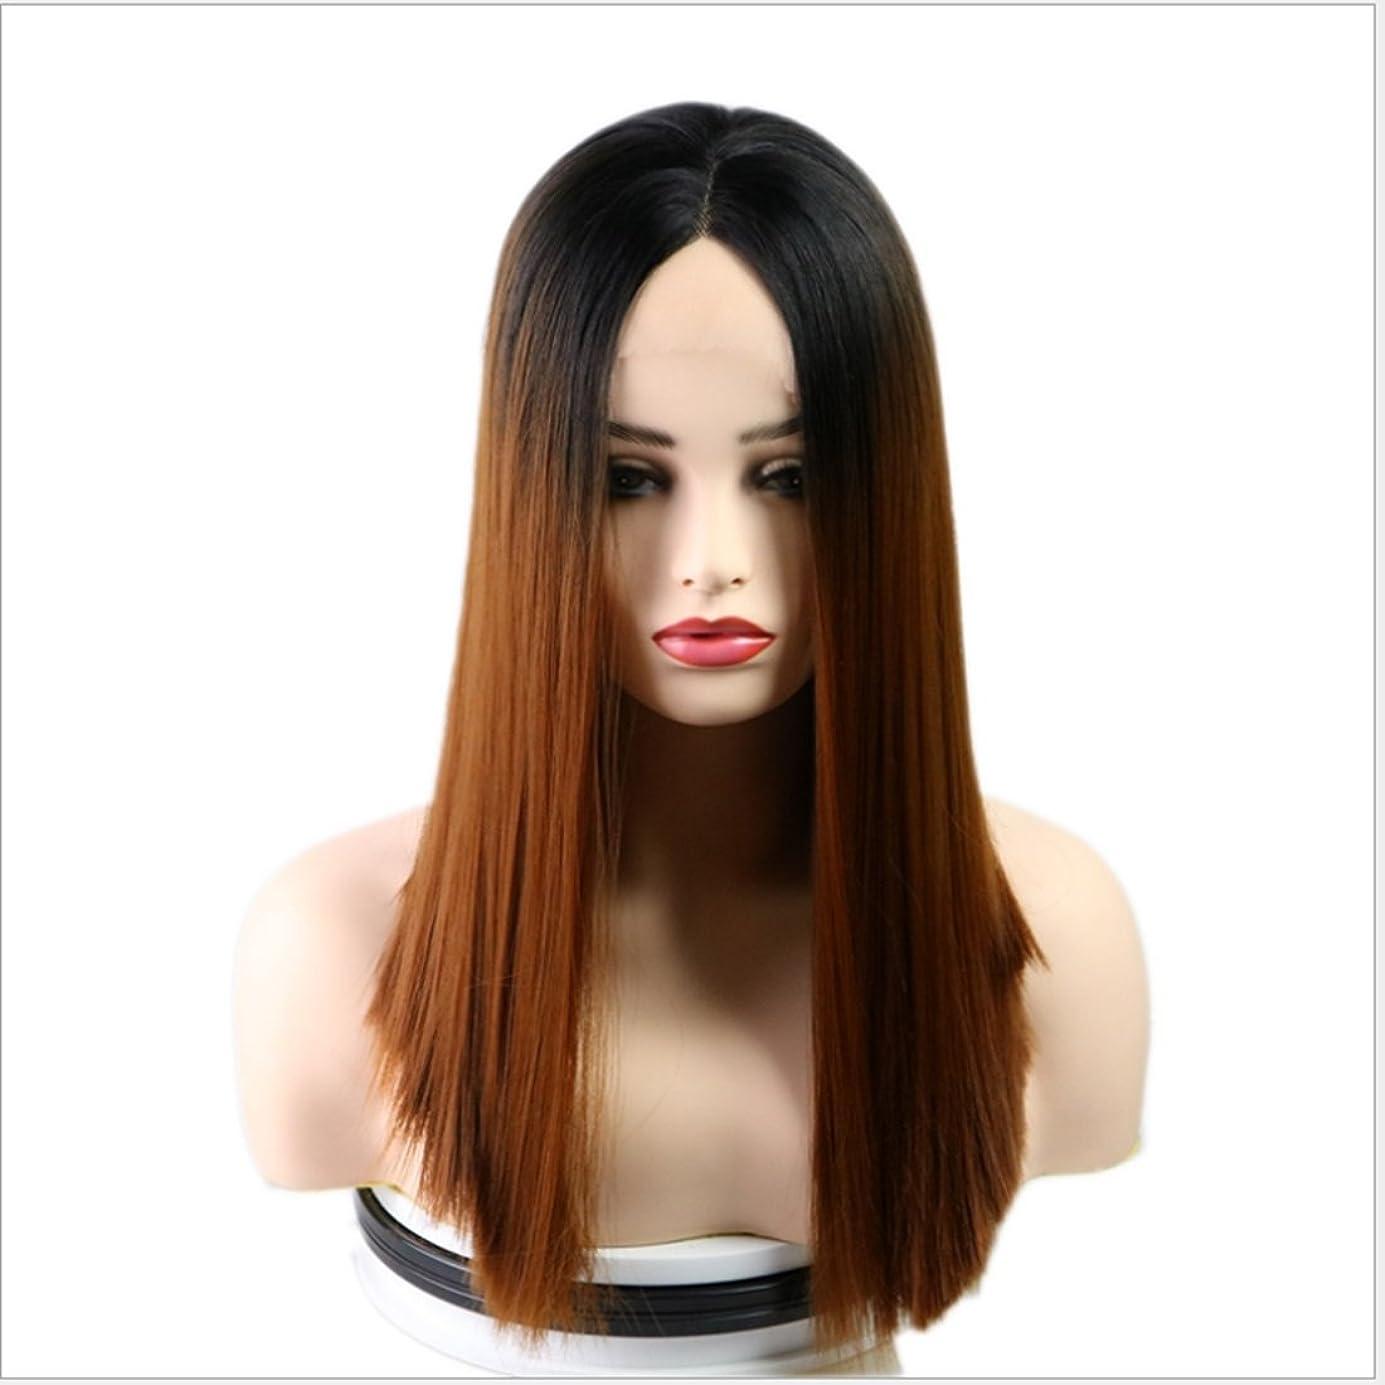 保守的食堂バースJIANFU 女性 完全な 手織りの髪 レース ウィッグ 化学繊維 黒 グラデーションブラウン ウィッグ ミディアム Bangs 非鉄染め 耐熱 長さ16inch / 235g (Color : Black gradient brown)